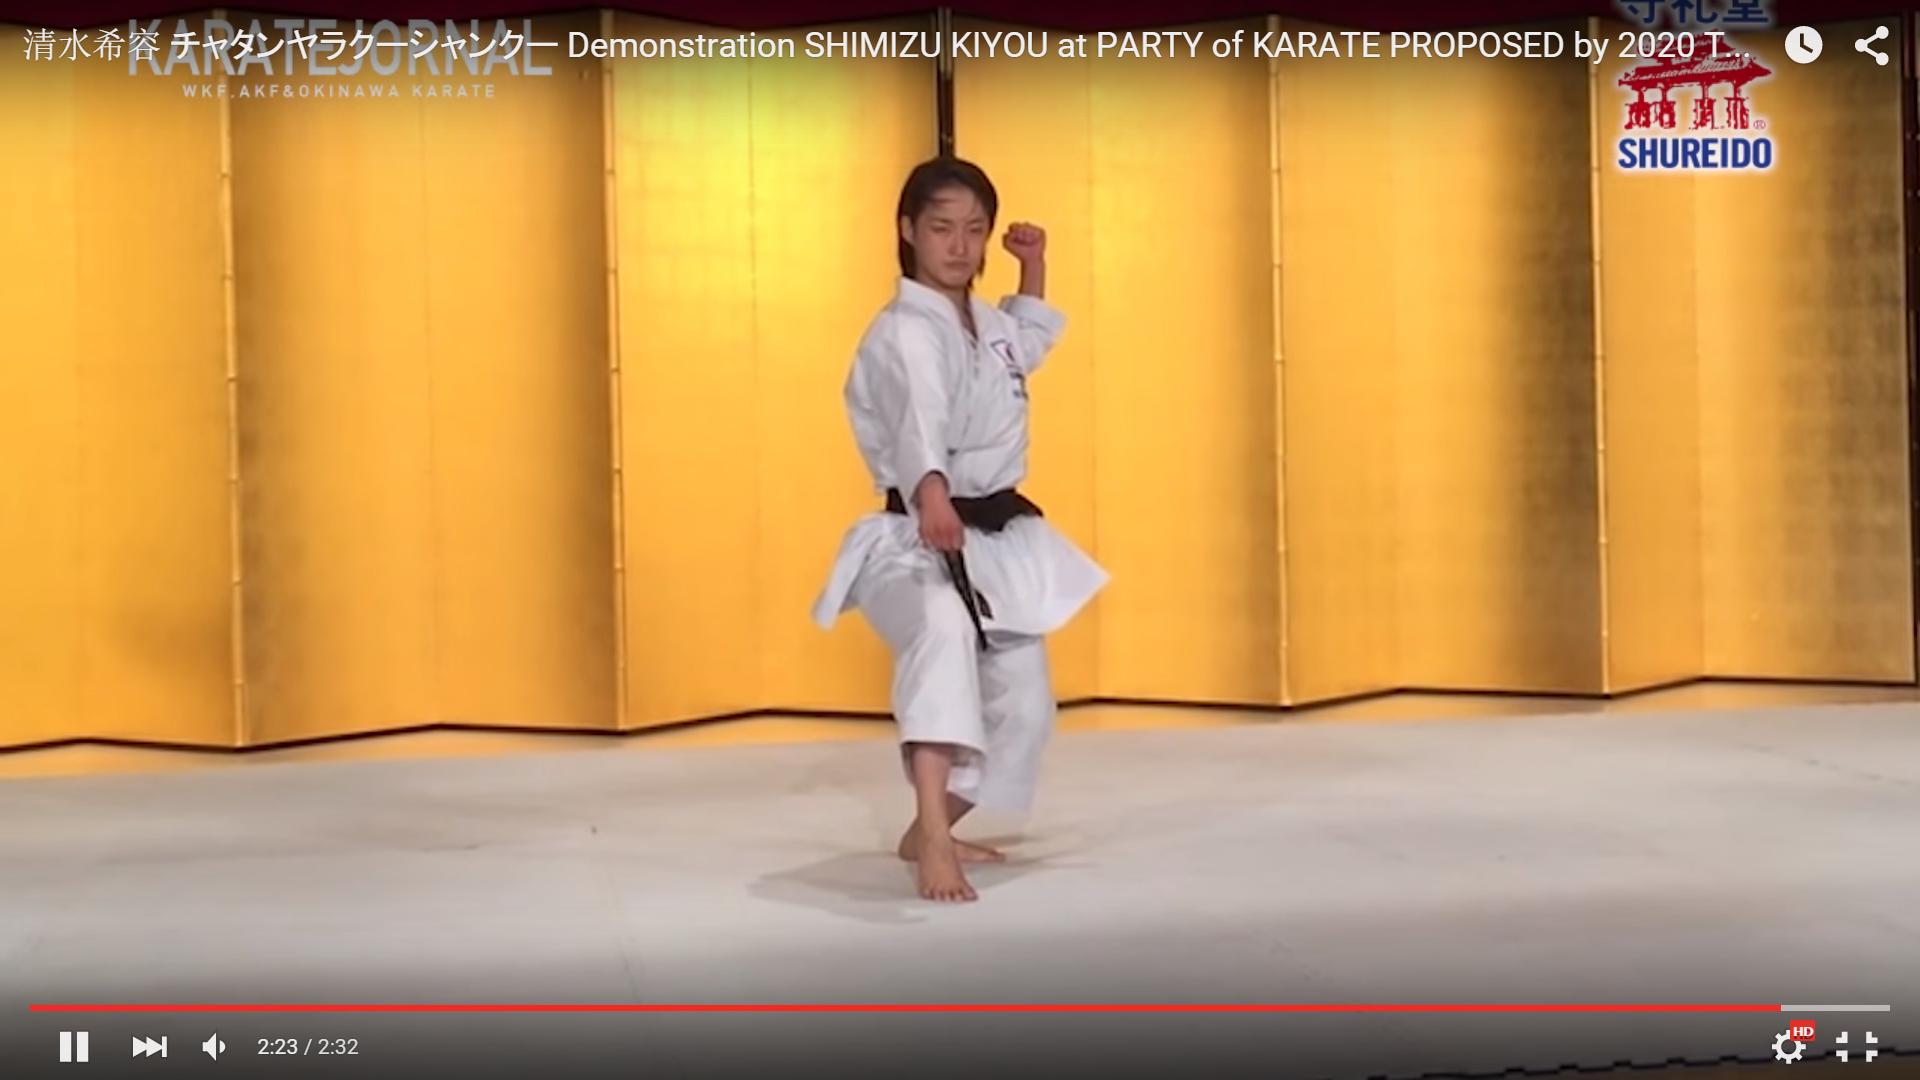 Chatan Yara no Kusanku, performed at an advertisement party for 2020 Summer Olympics in Tokyo.